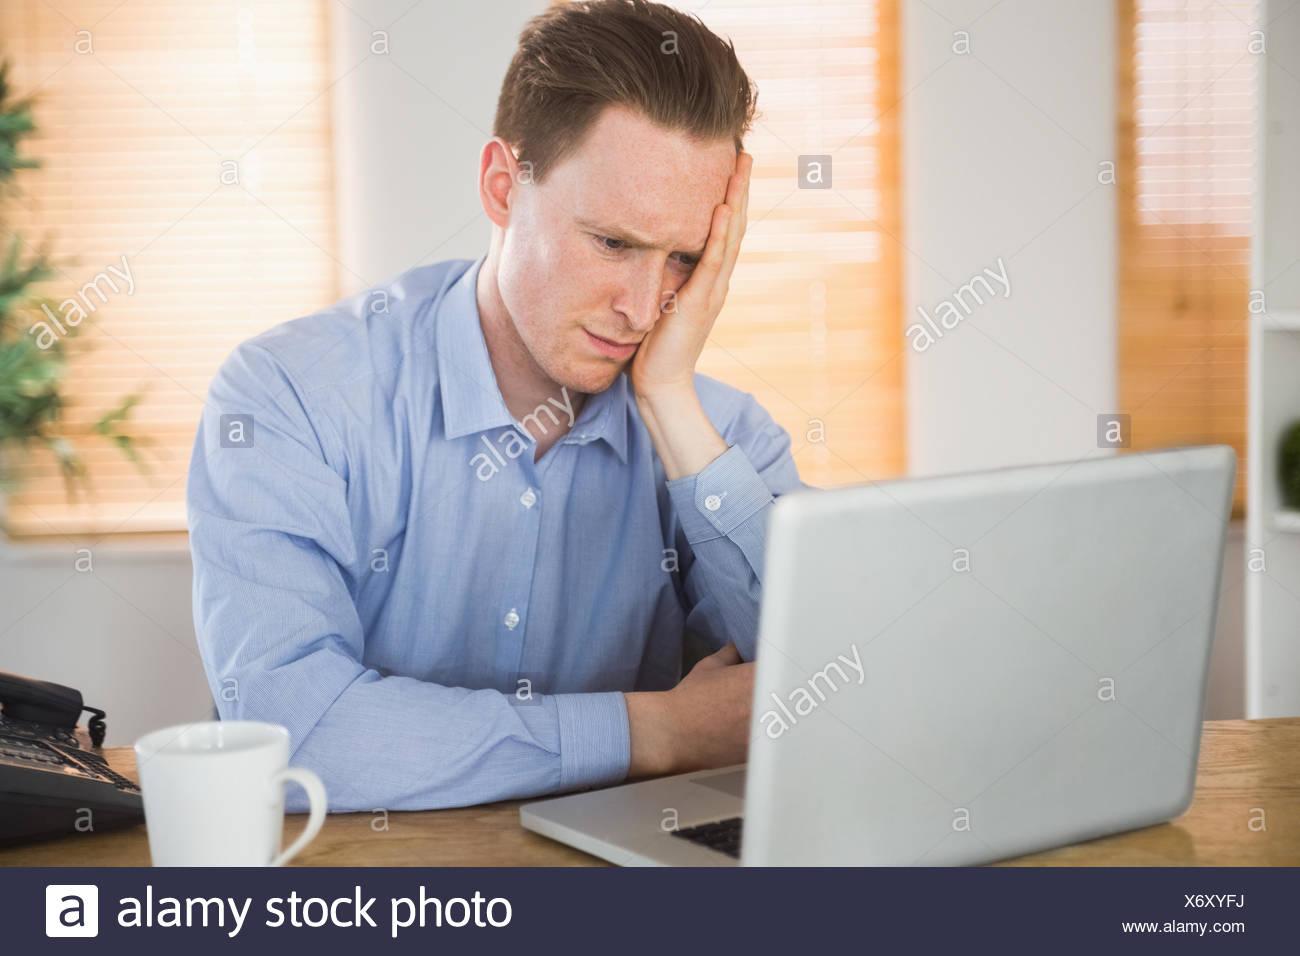 Empresario temeroso mirando a su portátil. Foto de stock